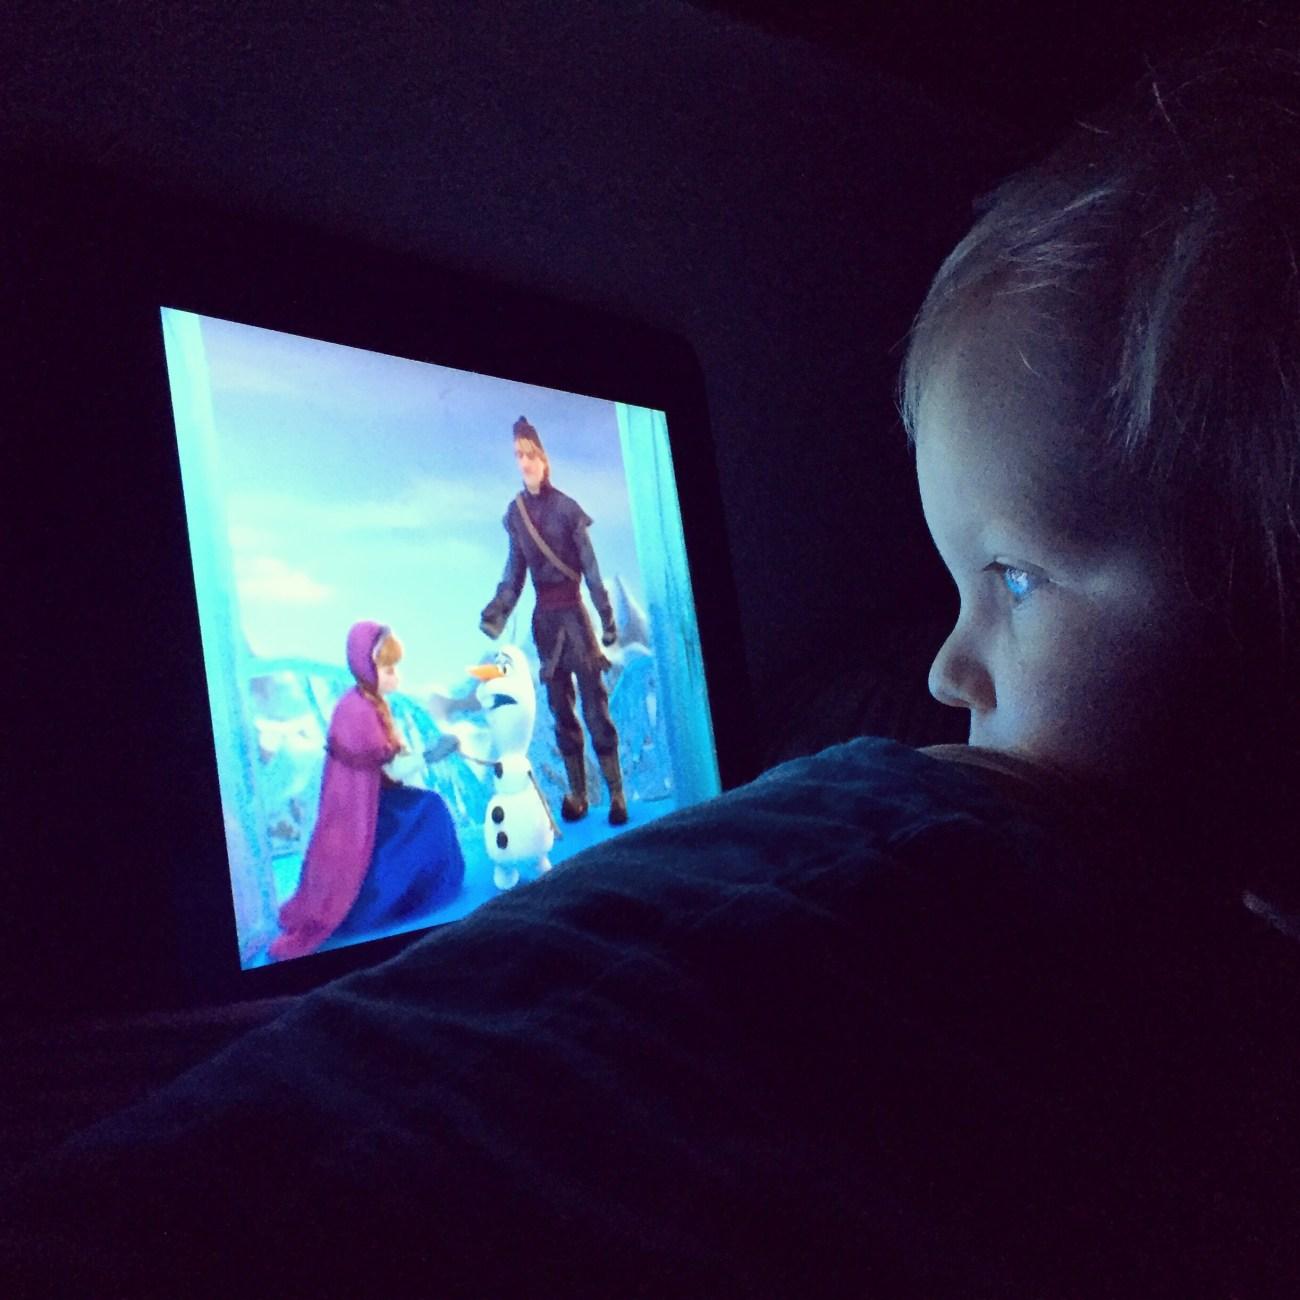 Sommige ochtenden beginnen echt te vroeg. Of ik kan niet uit mijn bed komen. Dan maar Frozen, start ik tenminste nog een beetje relaxed op.